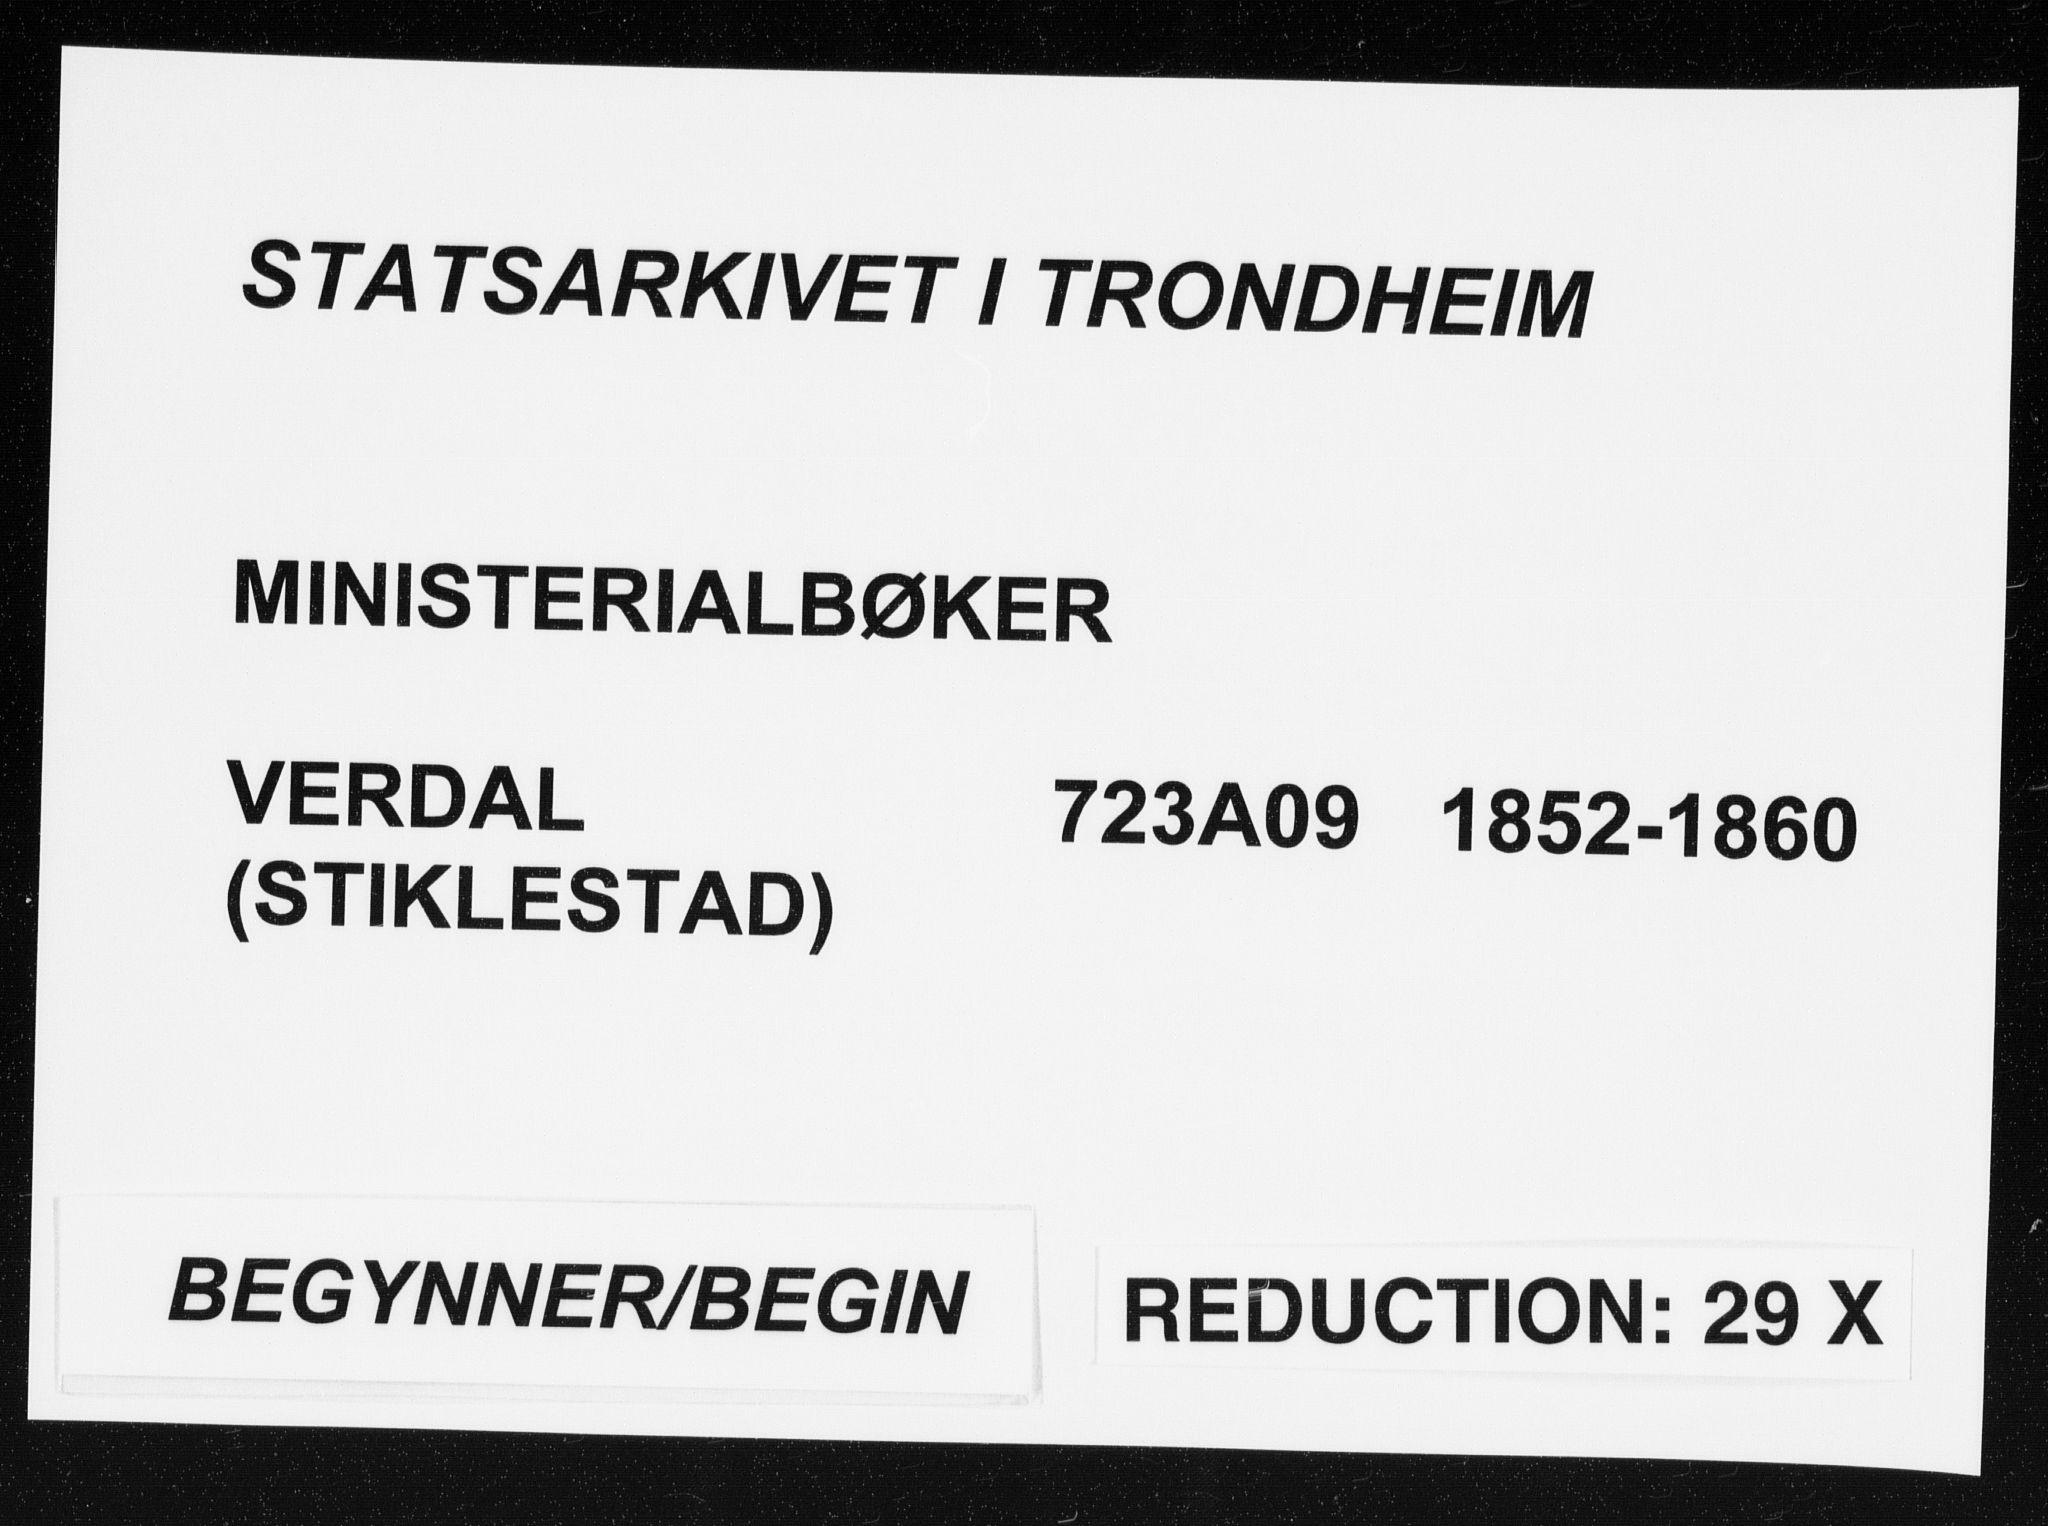 SAT, Ministerialprotokoller, klokkerbøker og fødselsregistre - Nord-Trøndelag, 723/L0240: Ministerialbok nr. 723A09, 1852-1860